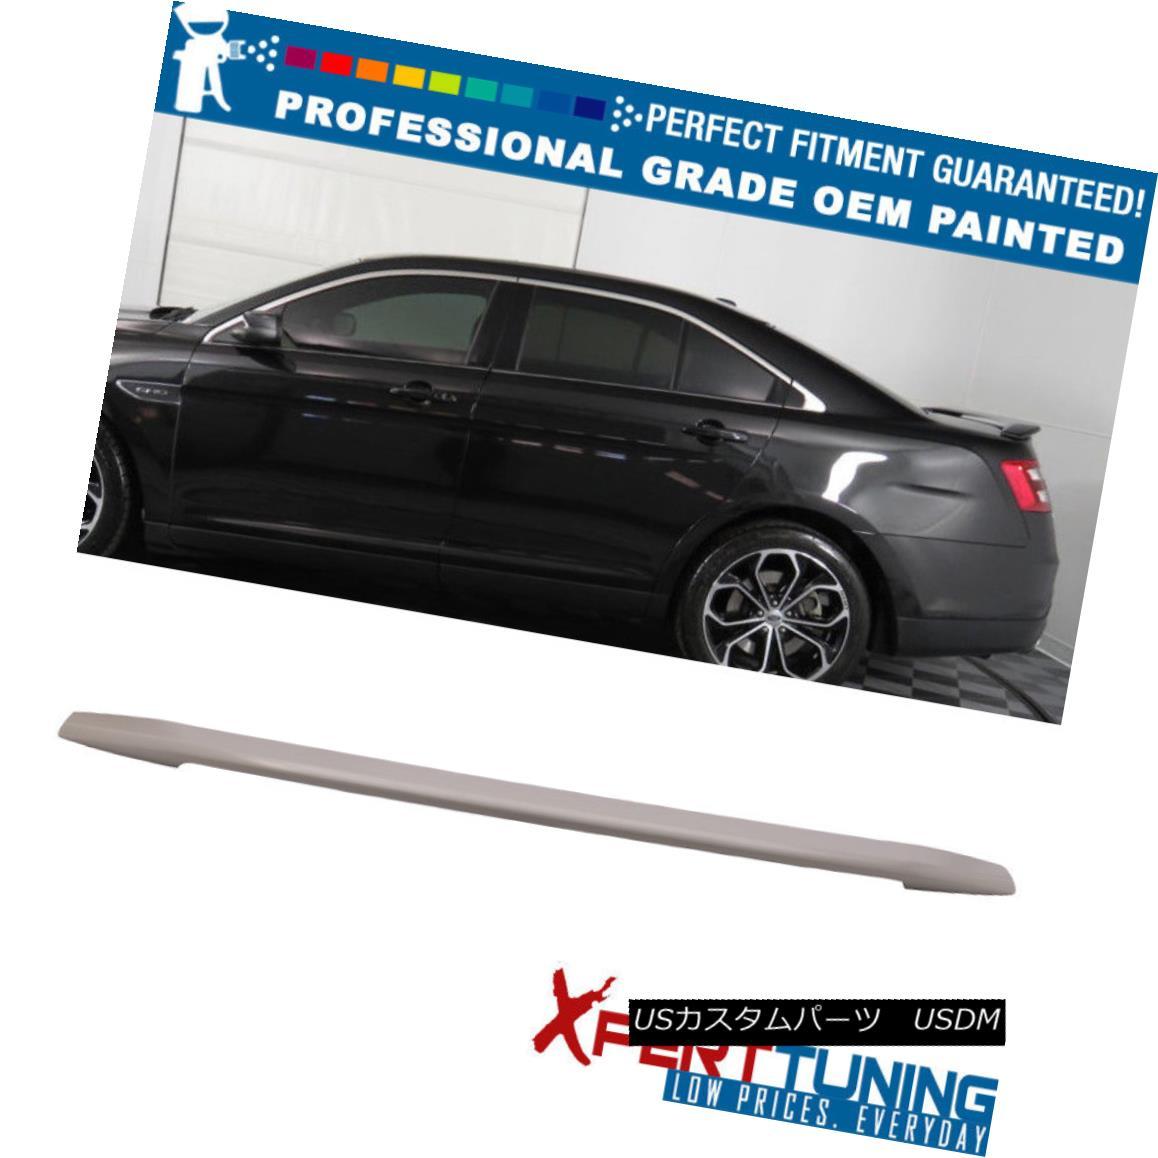 エアロパーツ Fits 13-15 Ford Taurus OE Style Flush Mount Trunk Spoiler - OEM Painted Color フィット13~15フォードトーラスOEスタイルフラッシュマウントトライムスポイラー - OEM塗装カラー